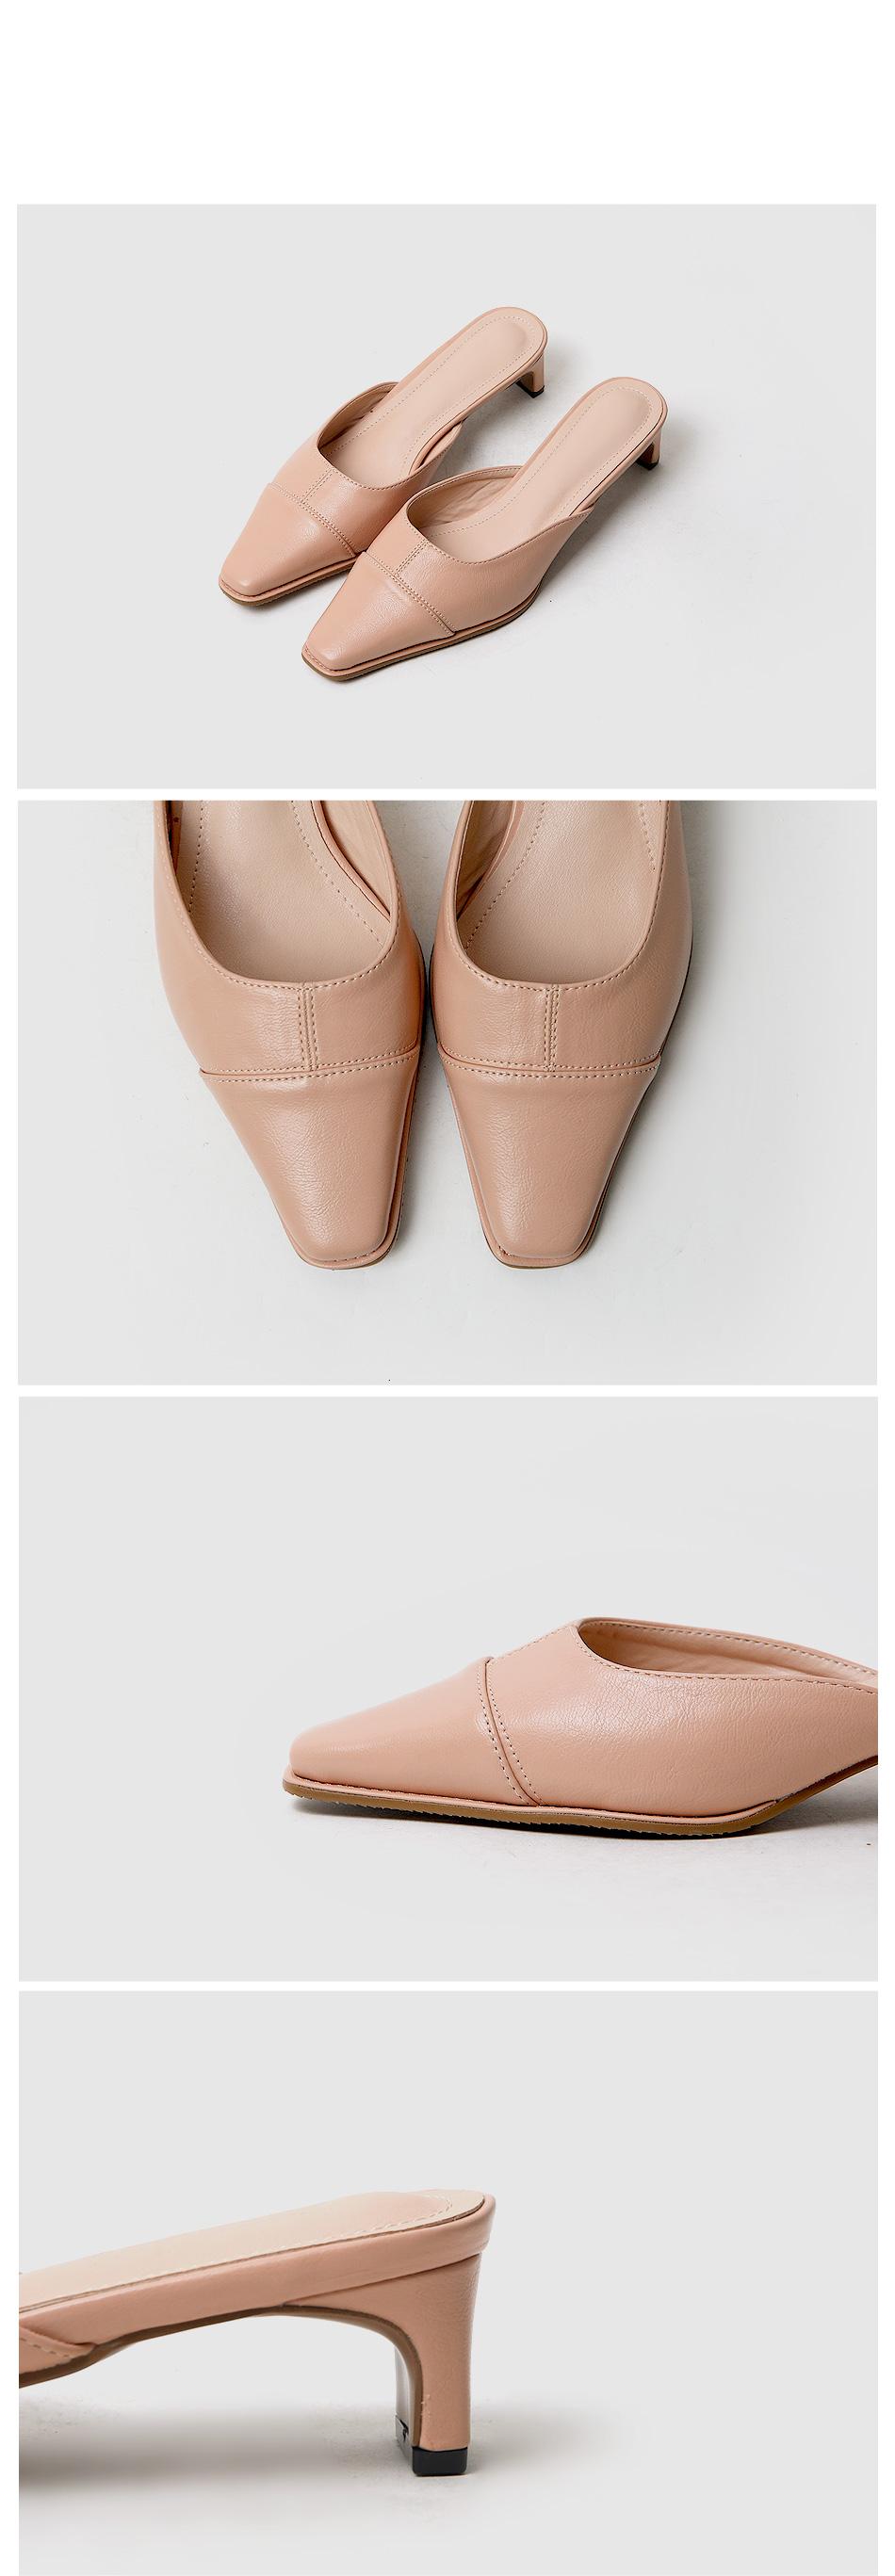 Clemen Mule Slippers 4cm